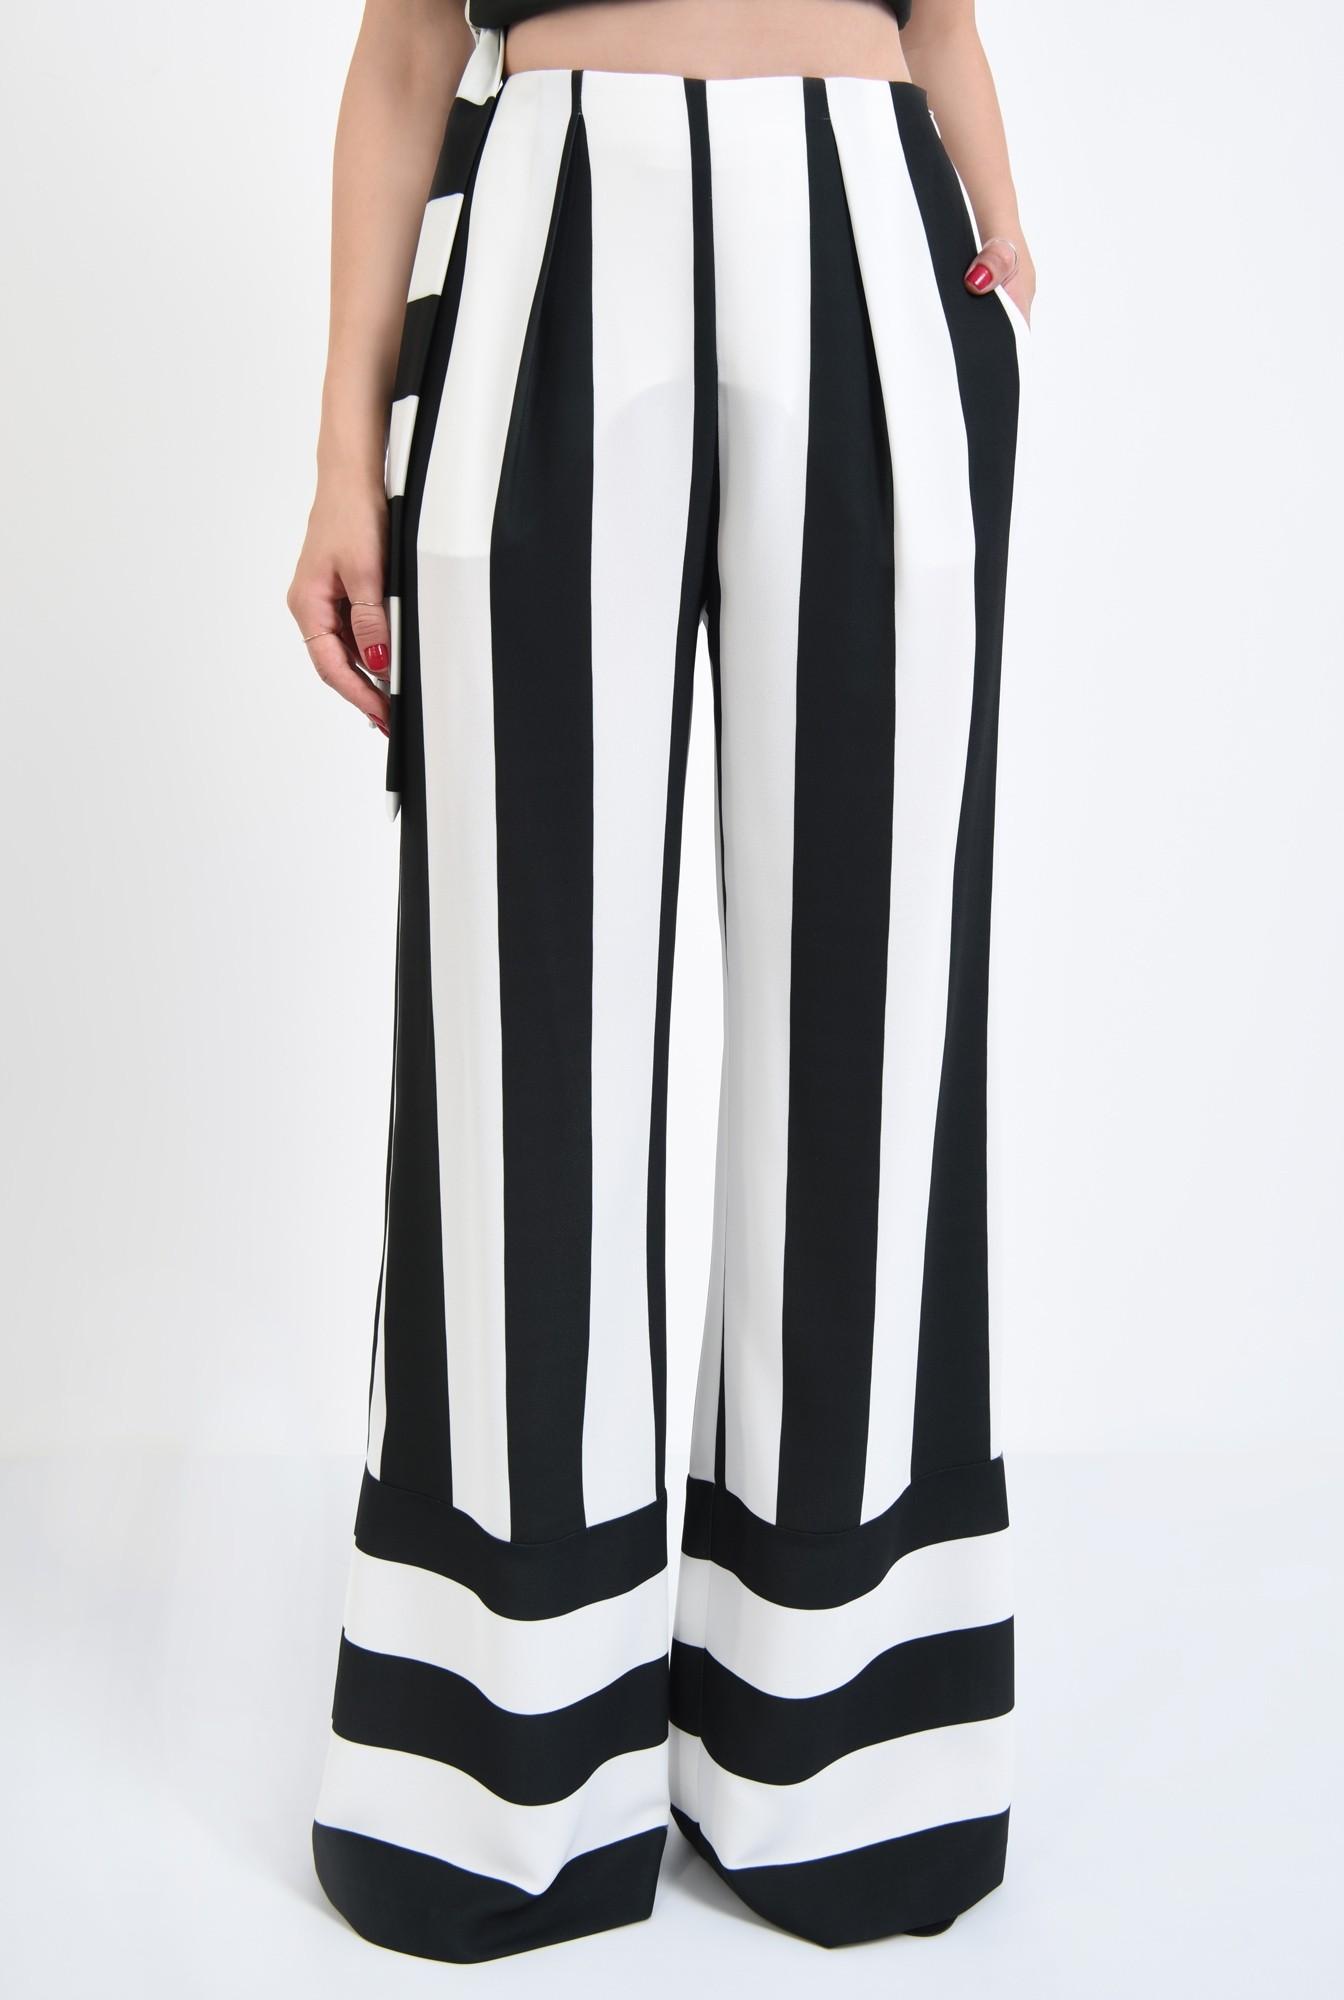 2 - pantaloni eleganti, croi larg, imprimeu, dungi, alb-negru